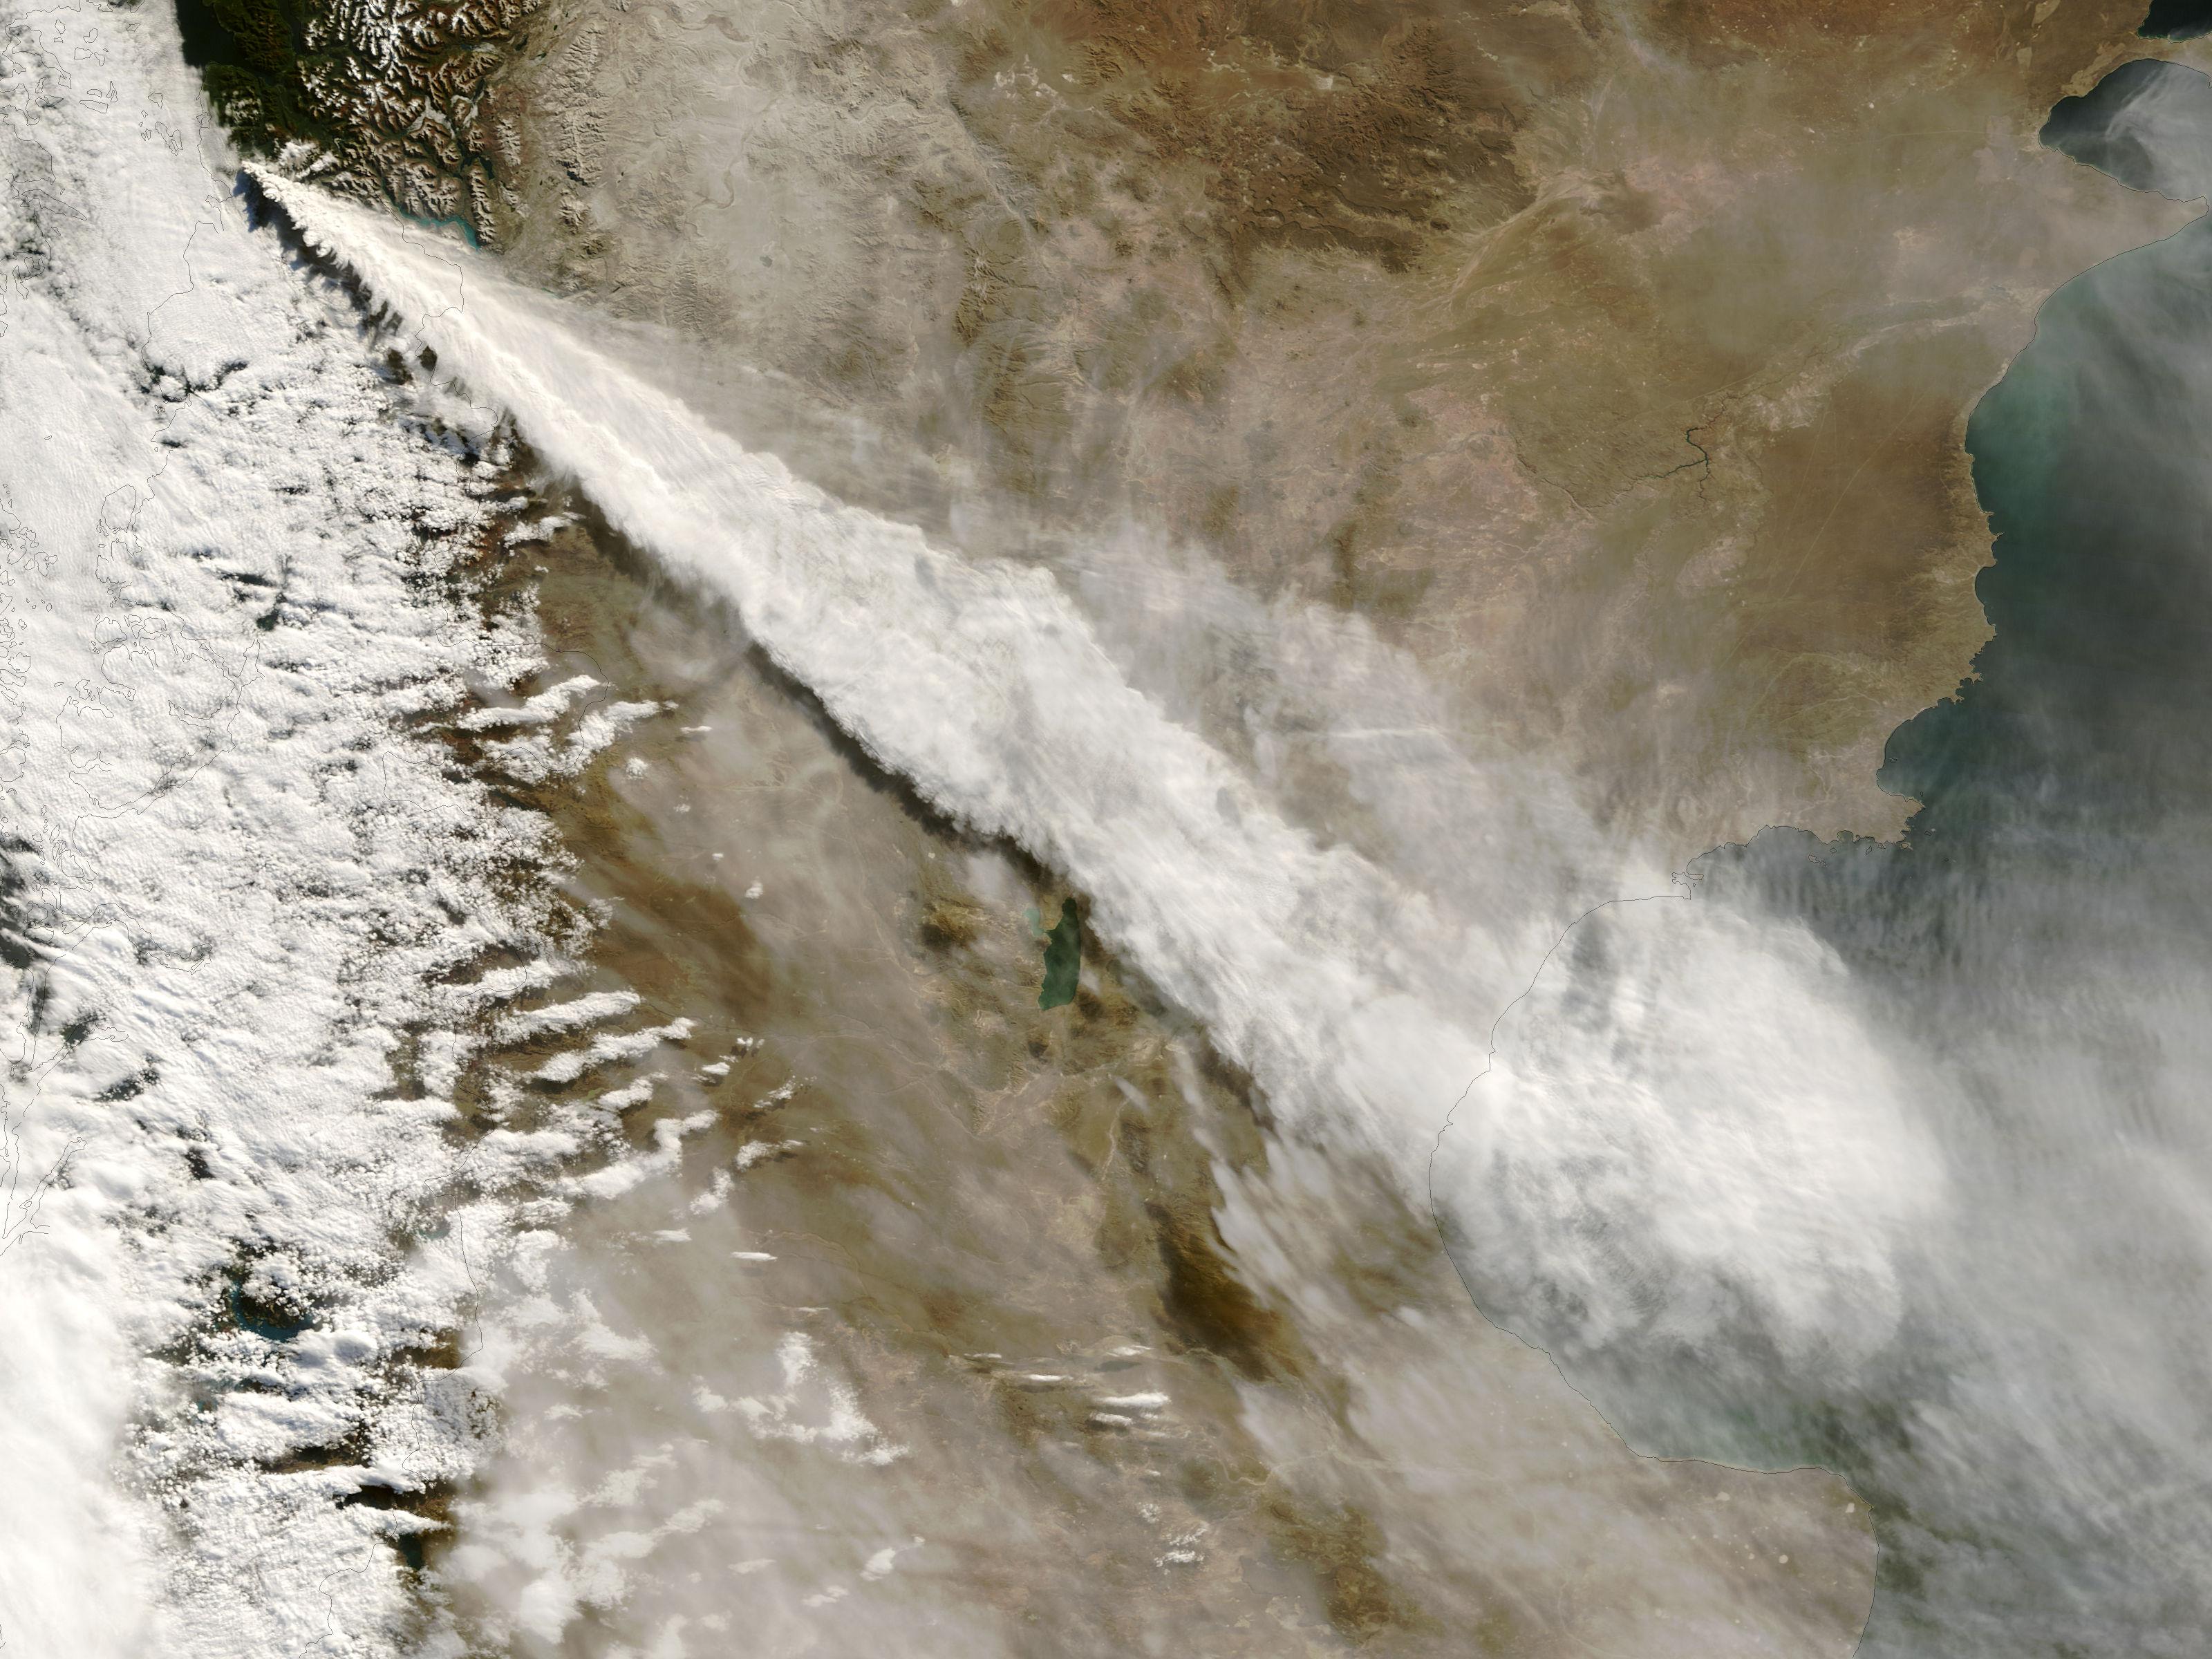 Извержение вулкана Чаитен